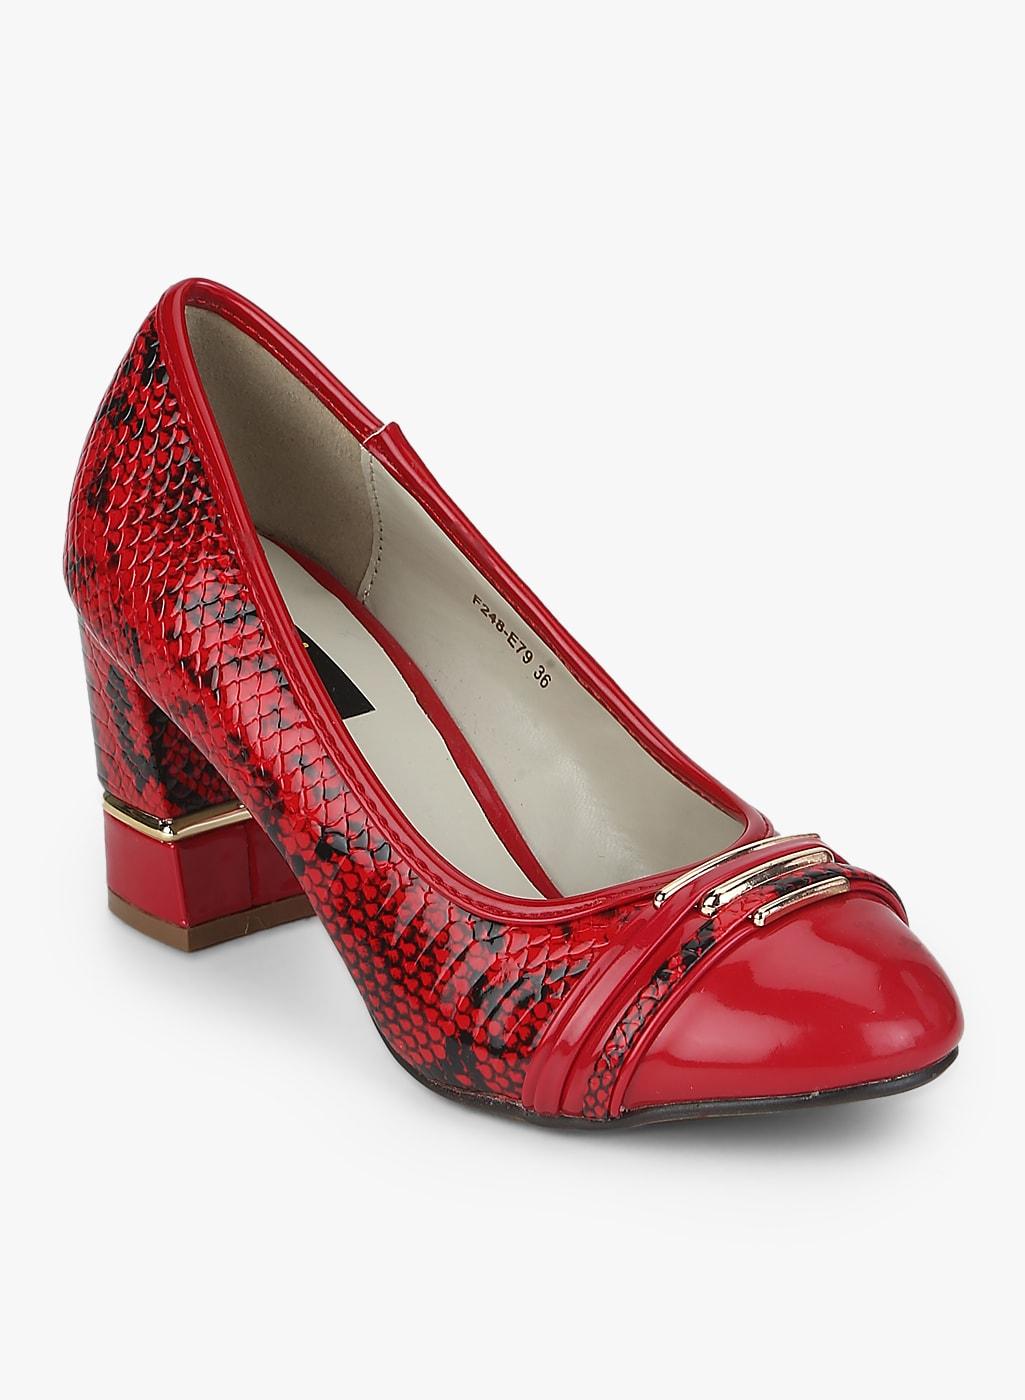 eb739c7354beb1 Shoes - Buy Shoes for Men